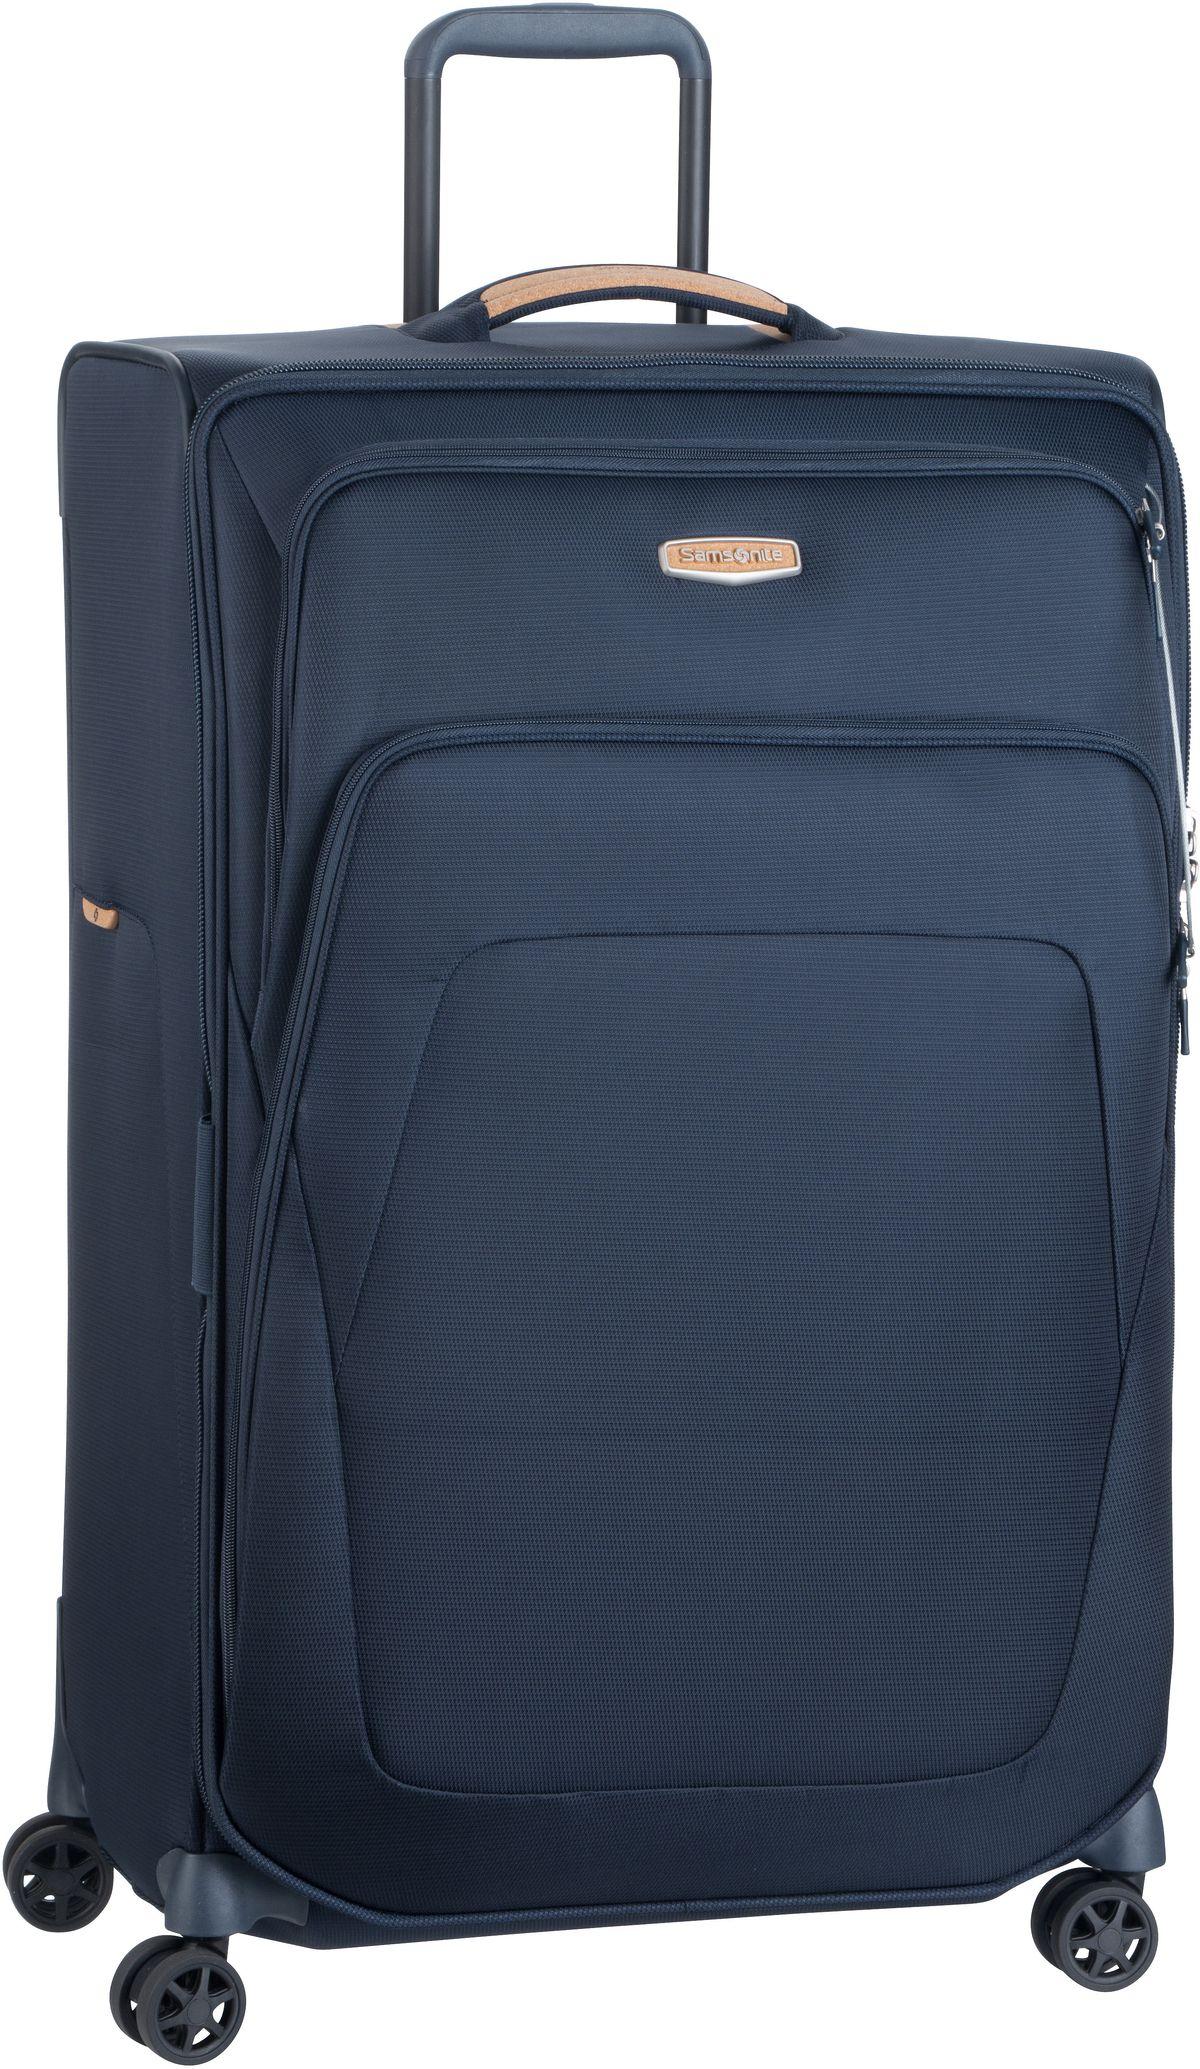 Reisegepaeck für Frauen - Samsonite Trolley Koffer Spark SNG ECO Spinner 79 Exp Eco Blue (124 Liter)  - Onlineshop Taschenkaufhaus